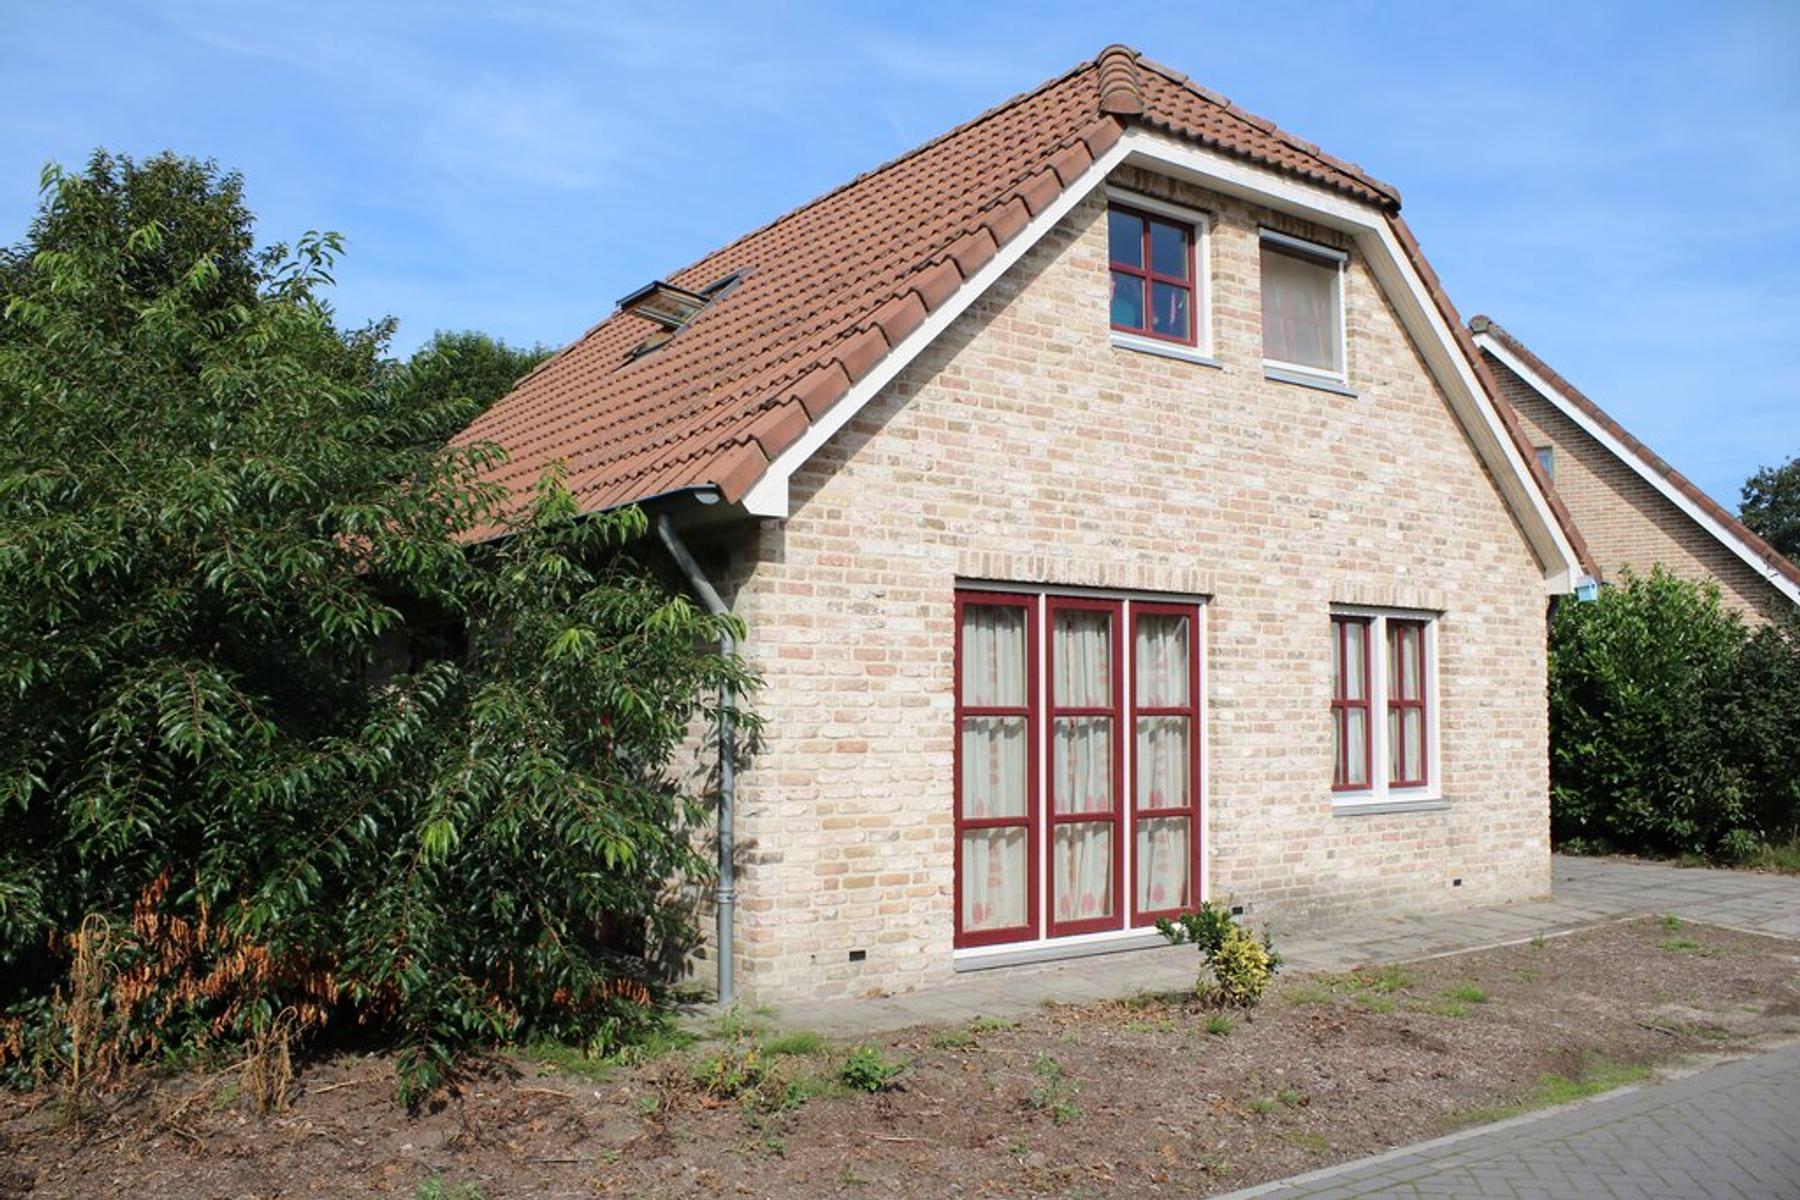 Kleine Heistraat 16 K381 in Wernhout 4884 ME